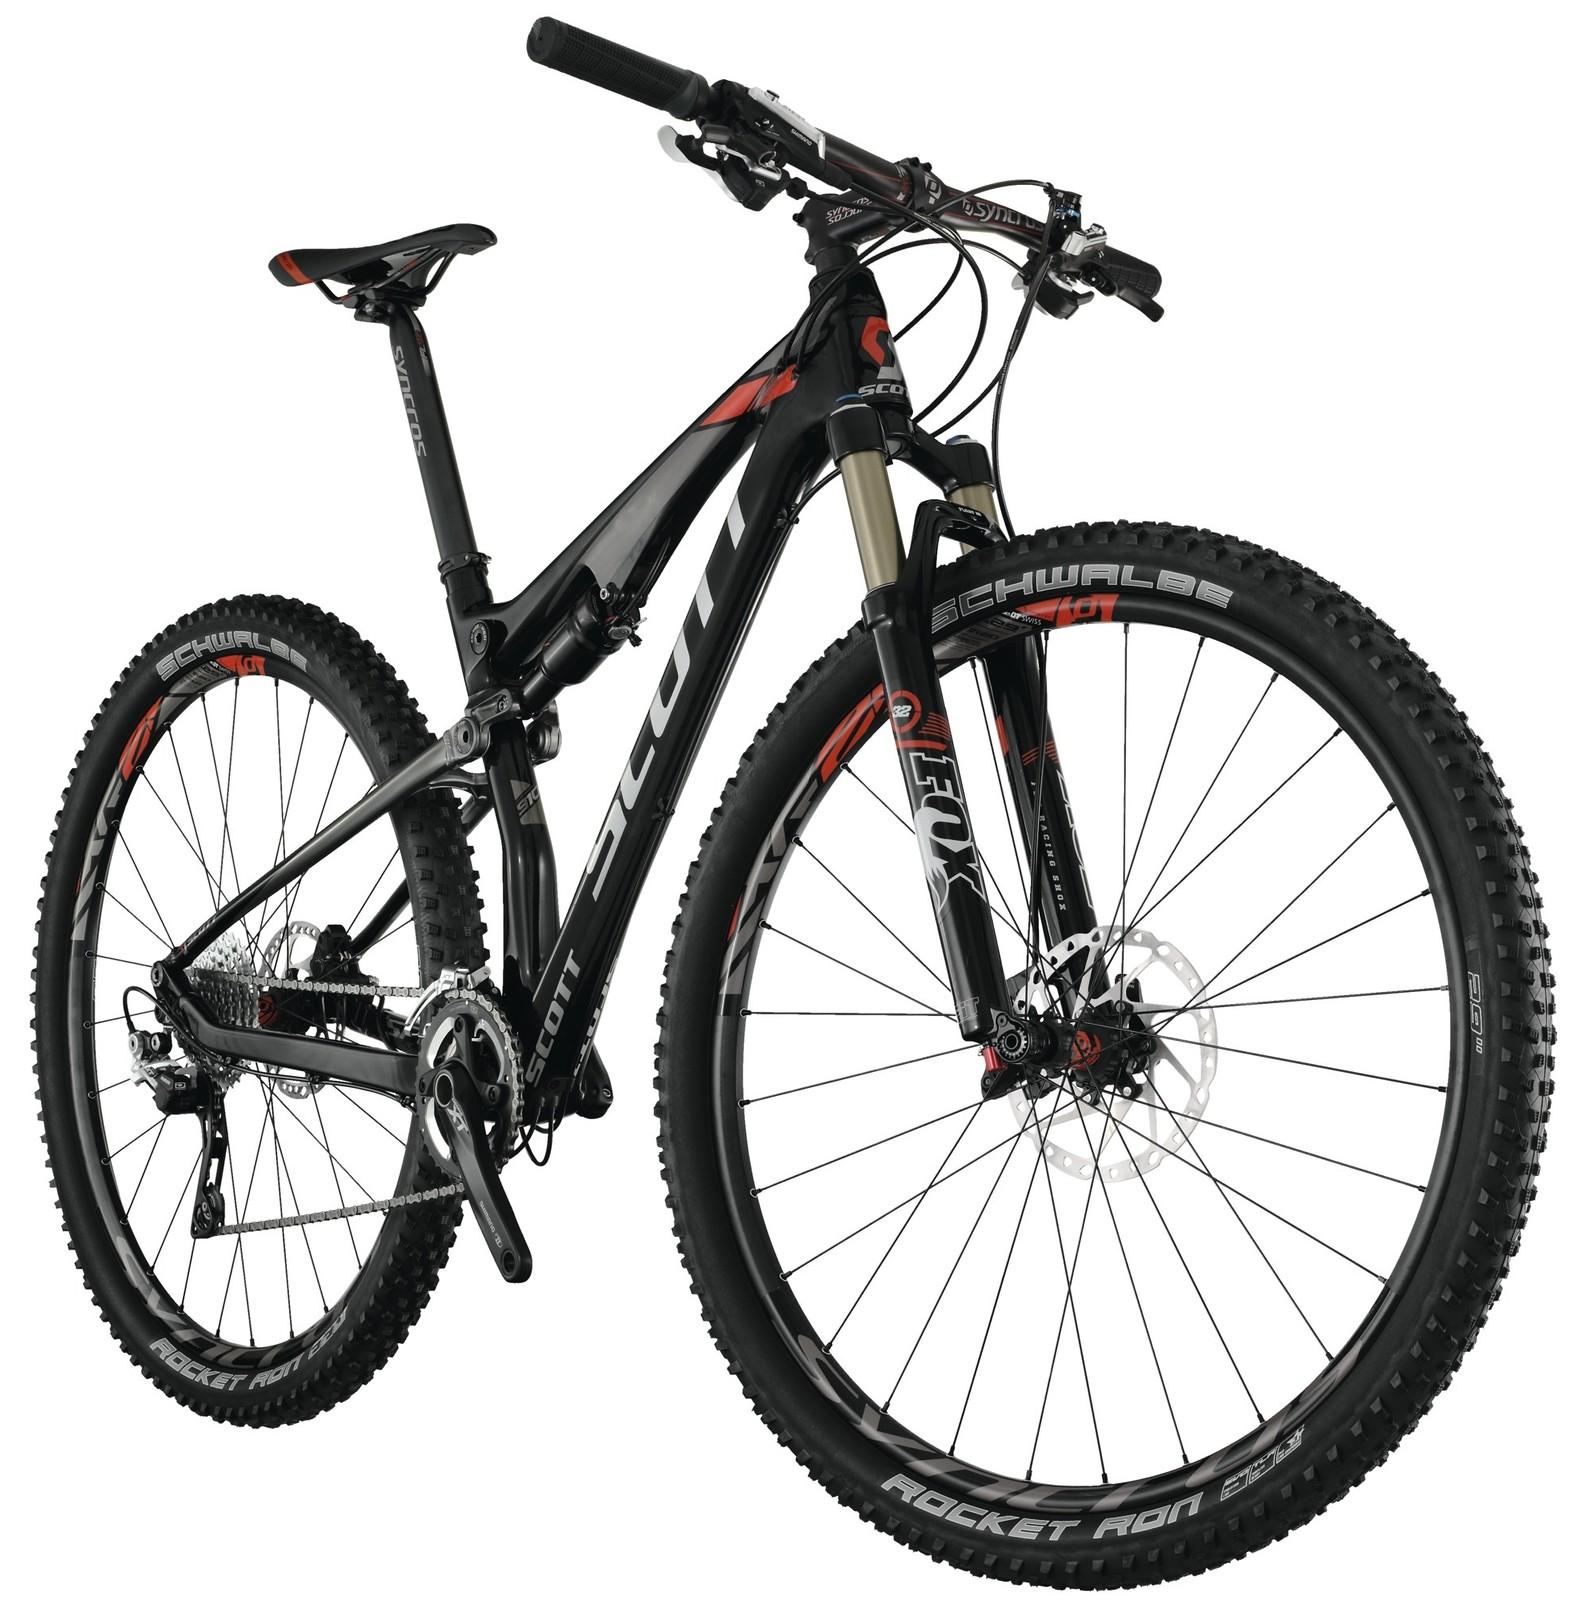 2013 Scott Spark 910 Bike Reviews Comparisons Specs